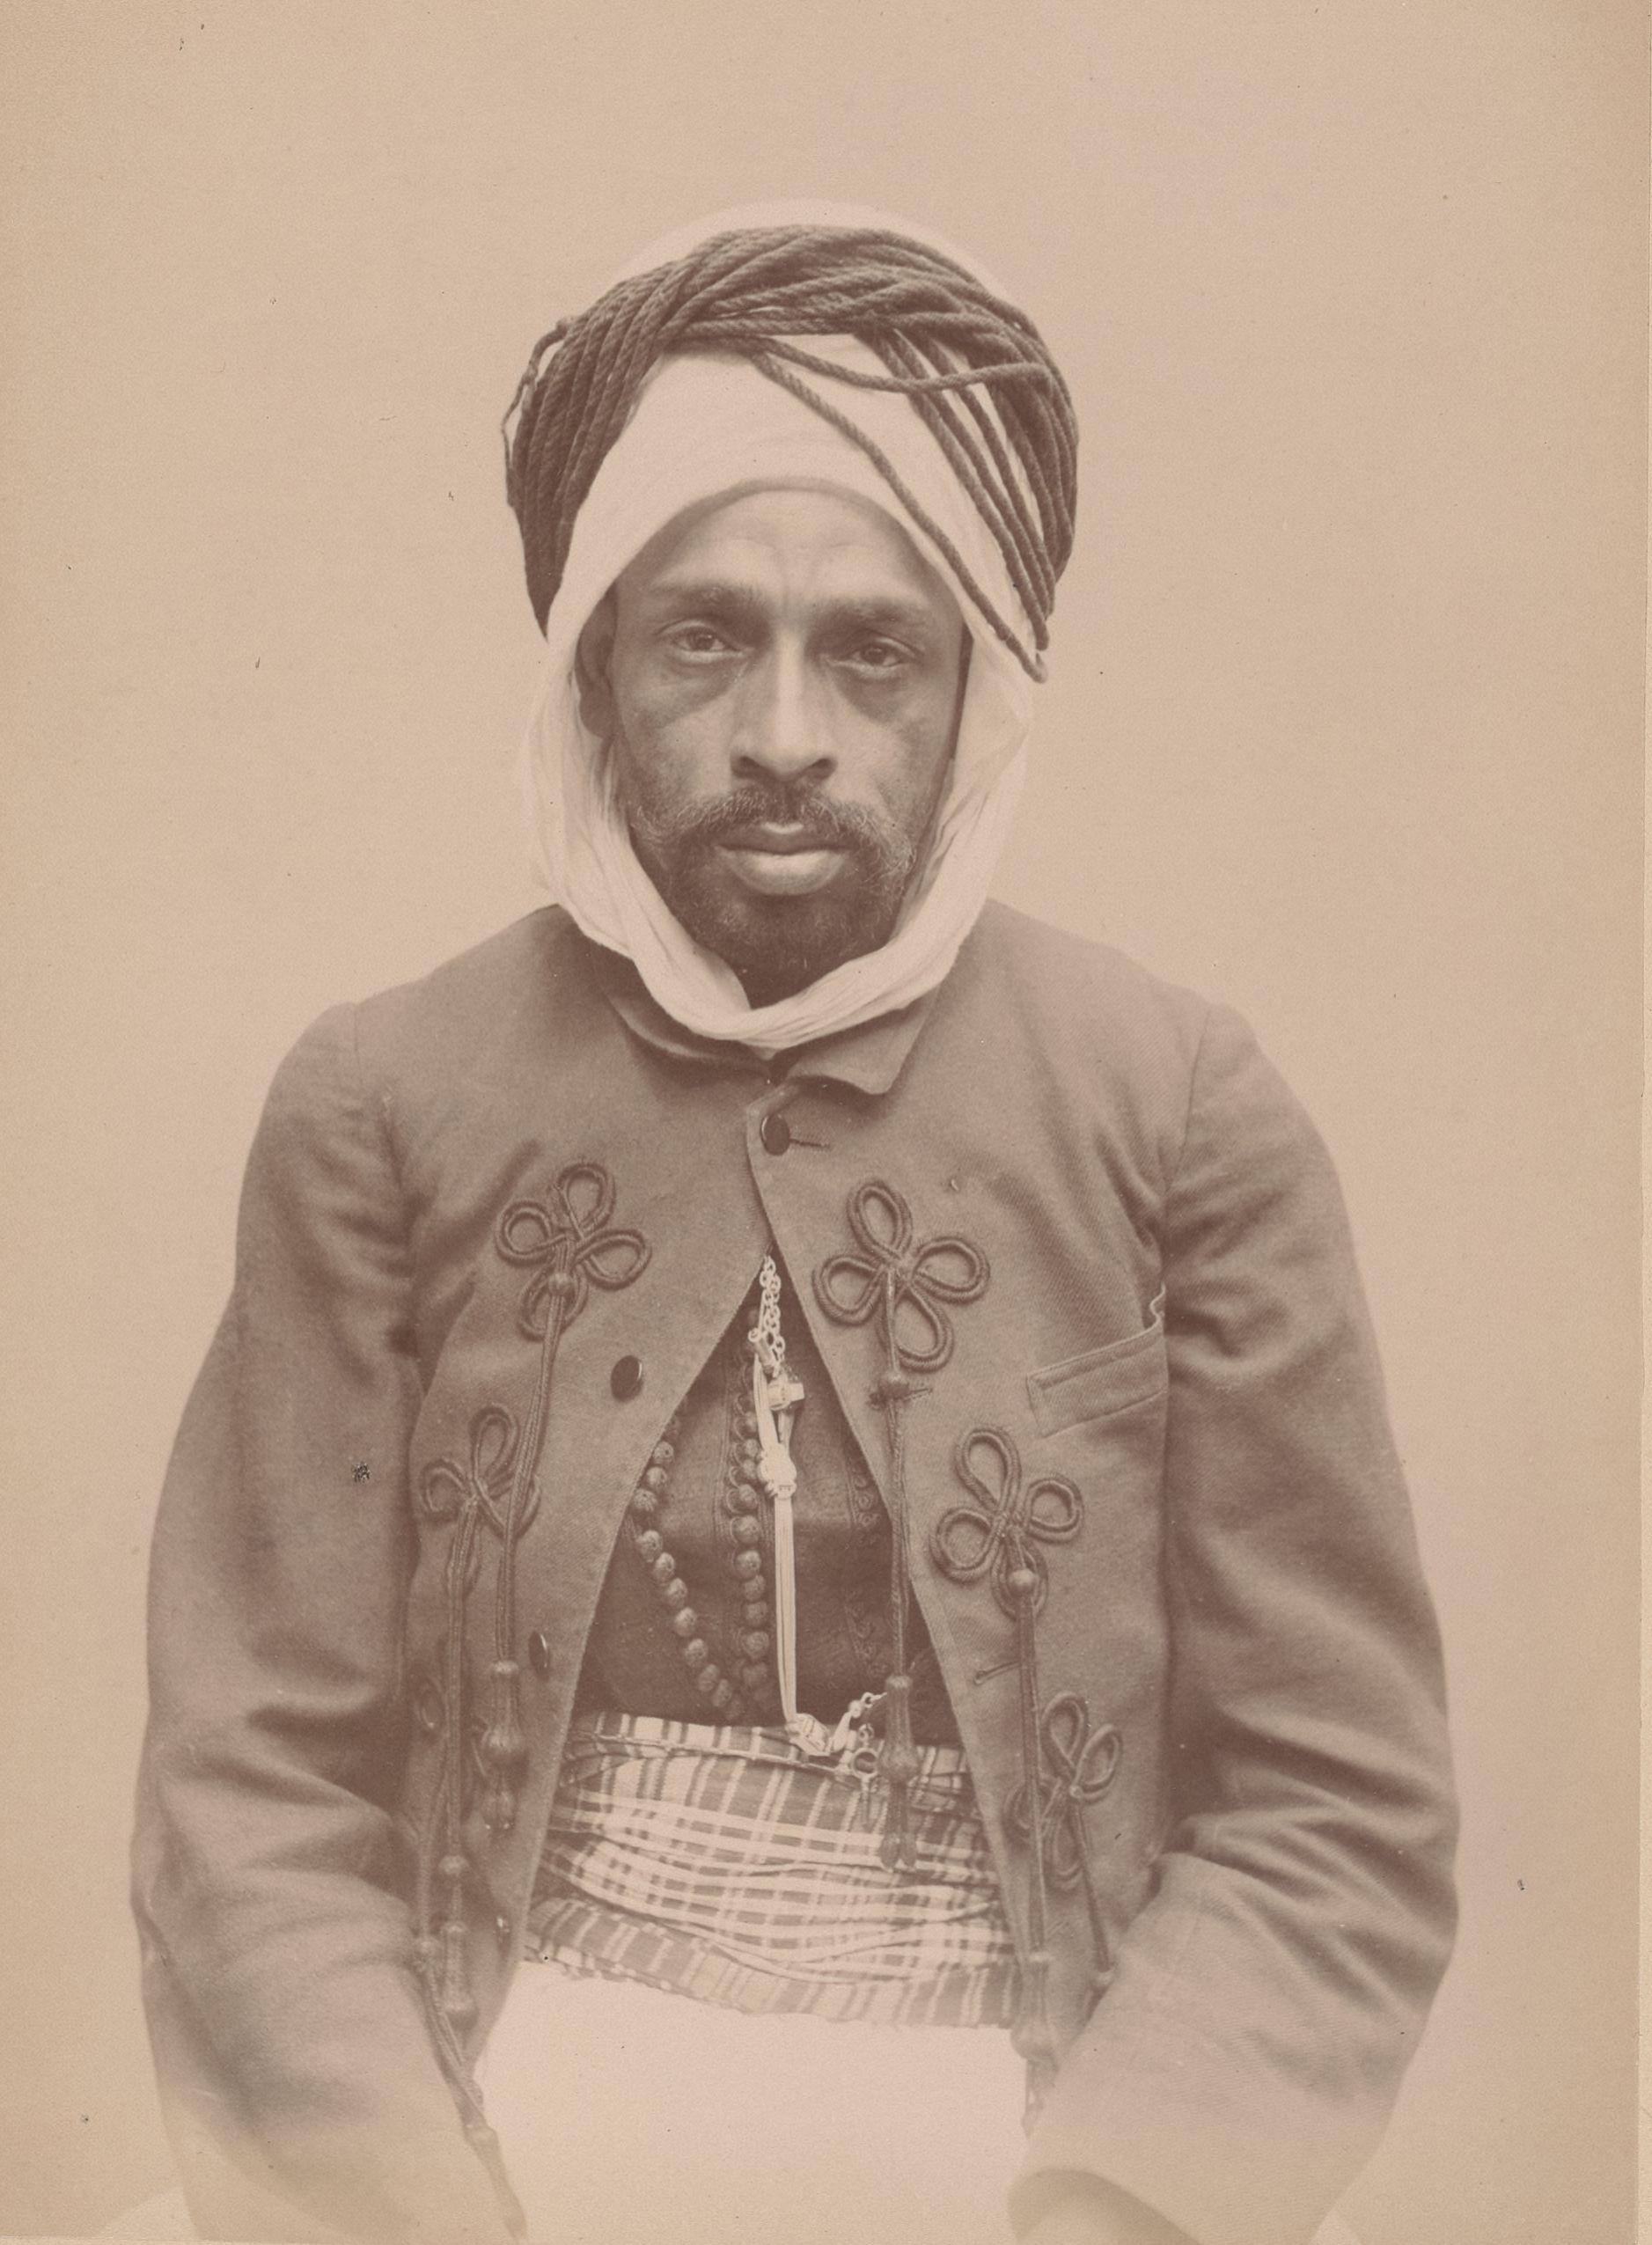 Брахим бен Айсак 31 год, родился в Ордайе (вид спереди)